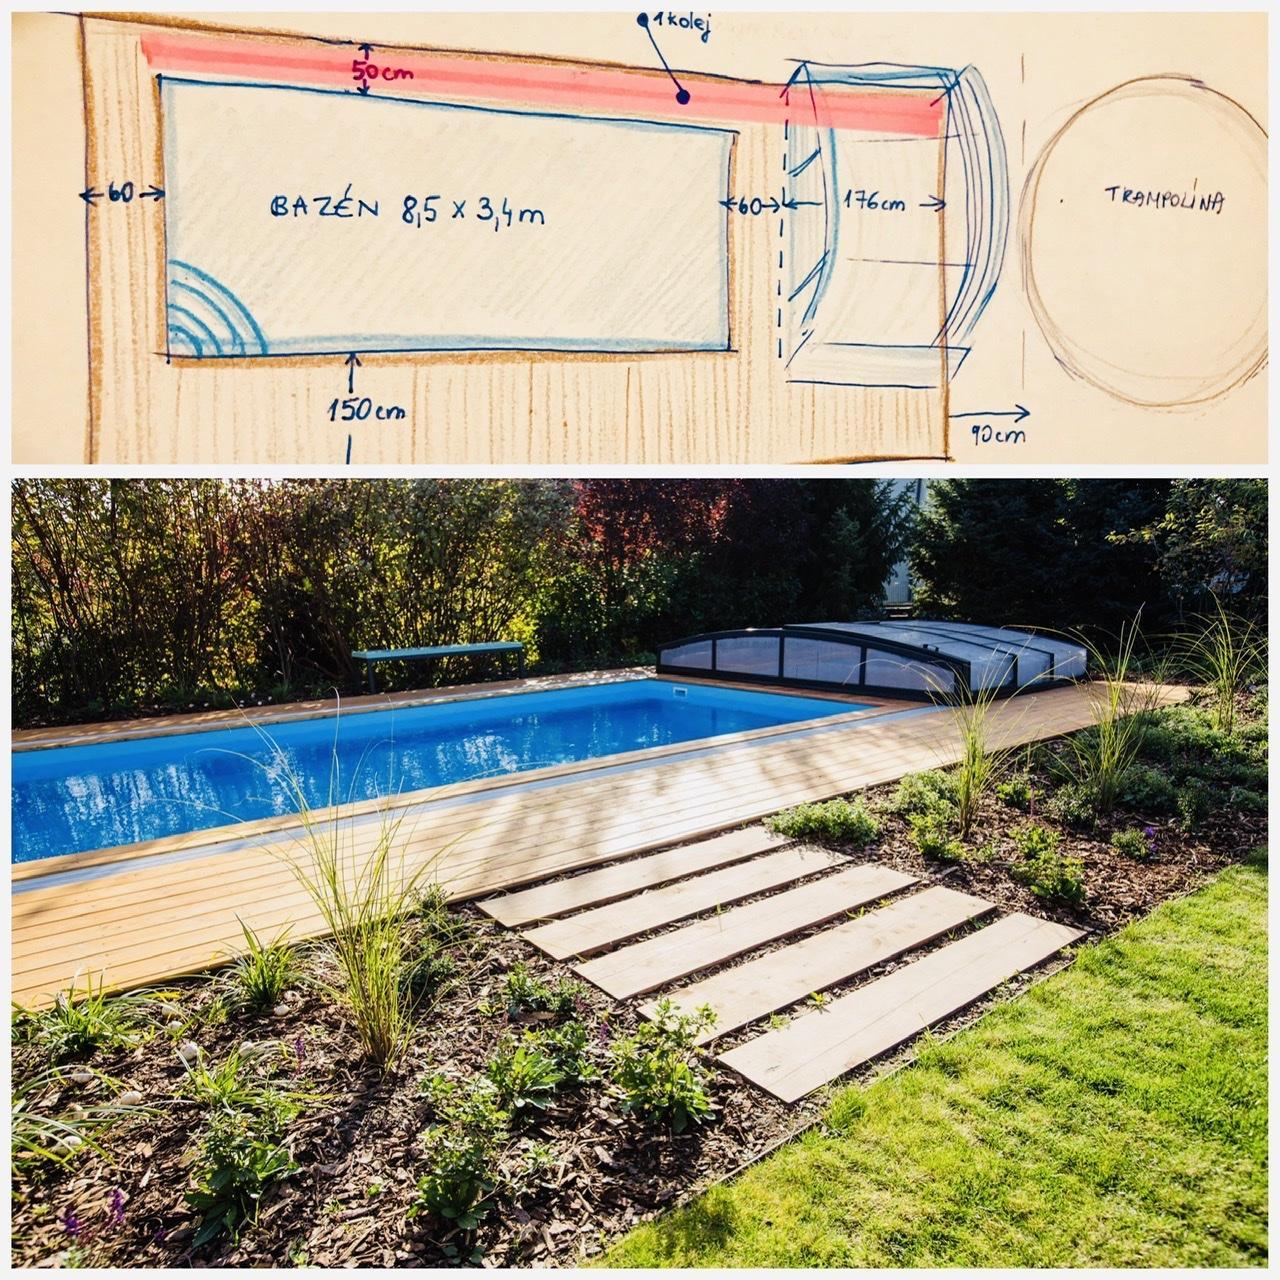 Naše L-ko - 2021 - stále dokončujeme - Rozkres pre bazén. Dnes začíname s úpravou okolia ako prvé príde na radu presadenie 2 velkých platanov o 1,5 metra, aby nezavadzali bazénu. Bazén sa nakoniec upravuje velikostne na 8,5 x 3,4 (skracuje sa) aby sa dalo okolo celeho priestoru obehnuť.